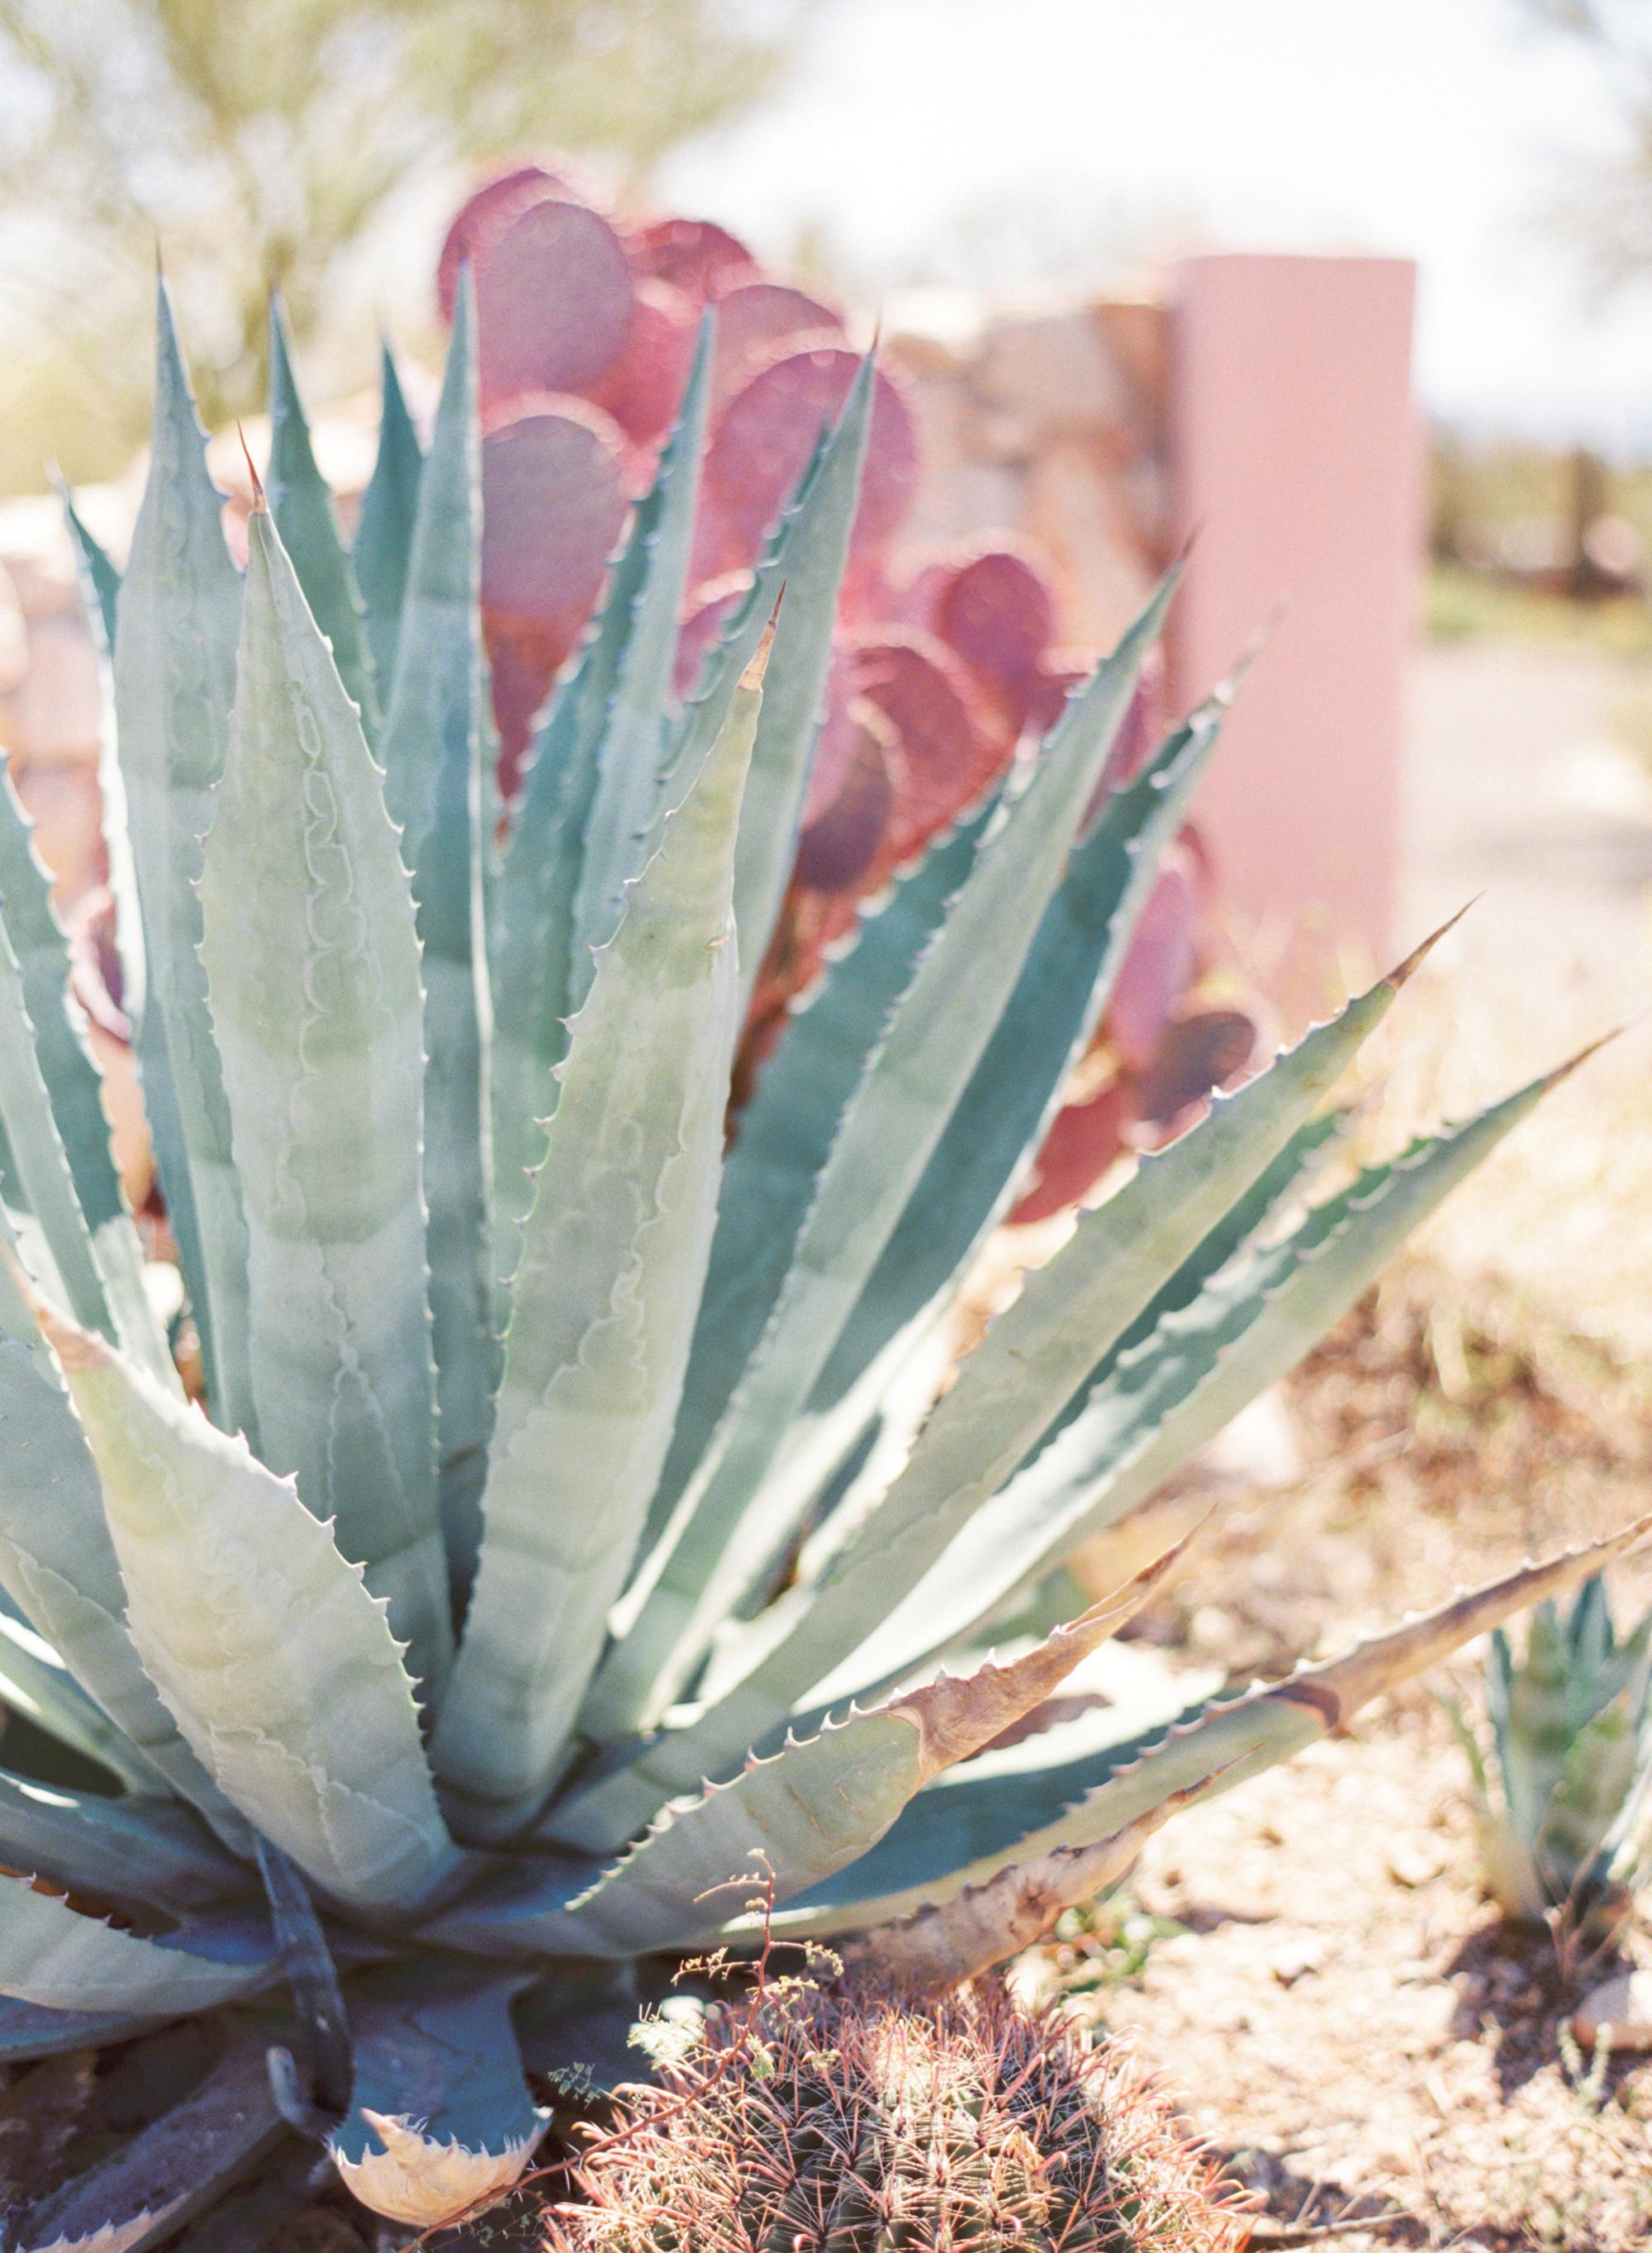 agave cactus in tucson arizona